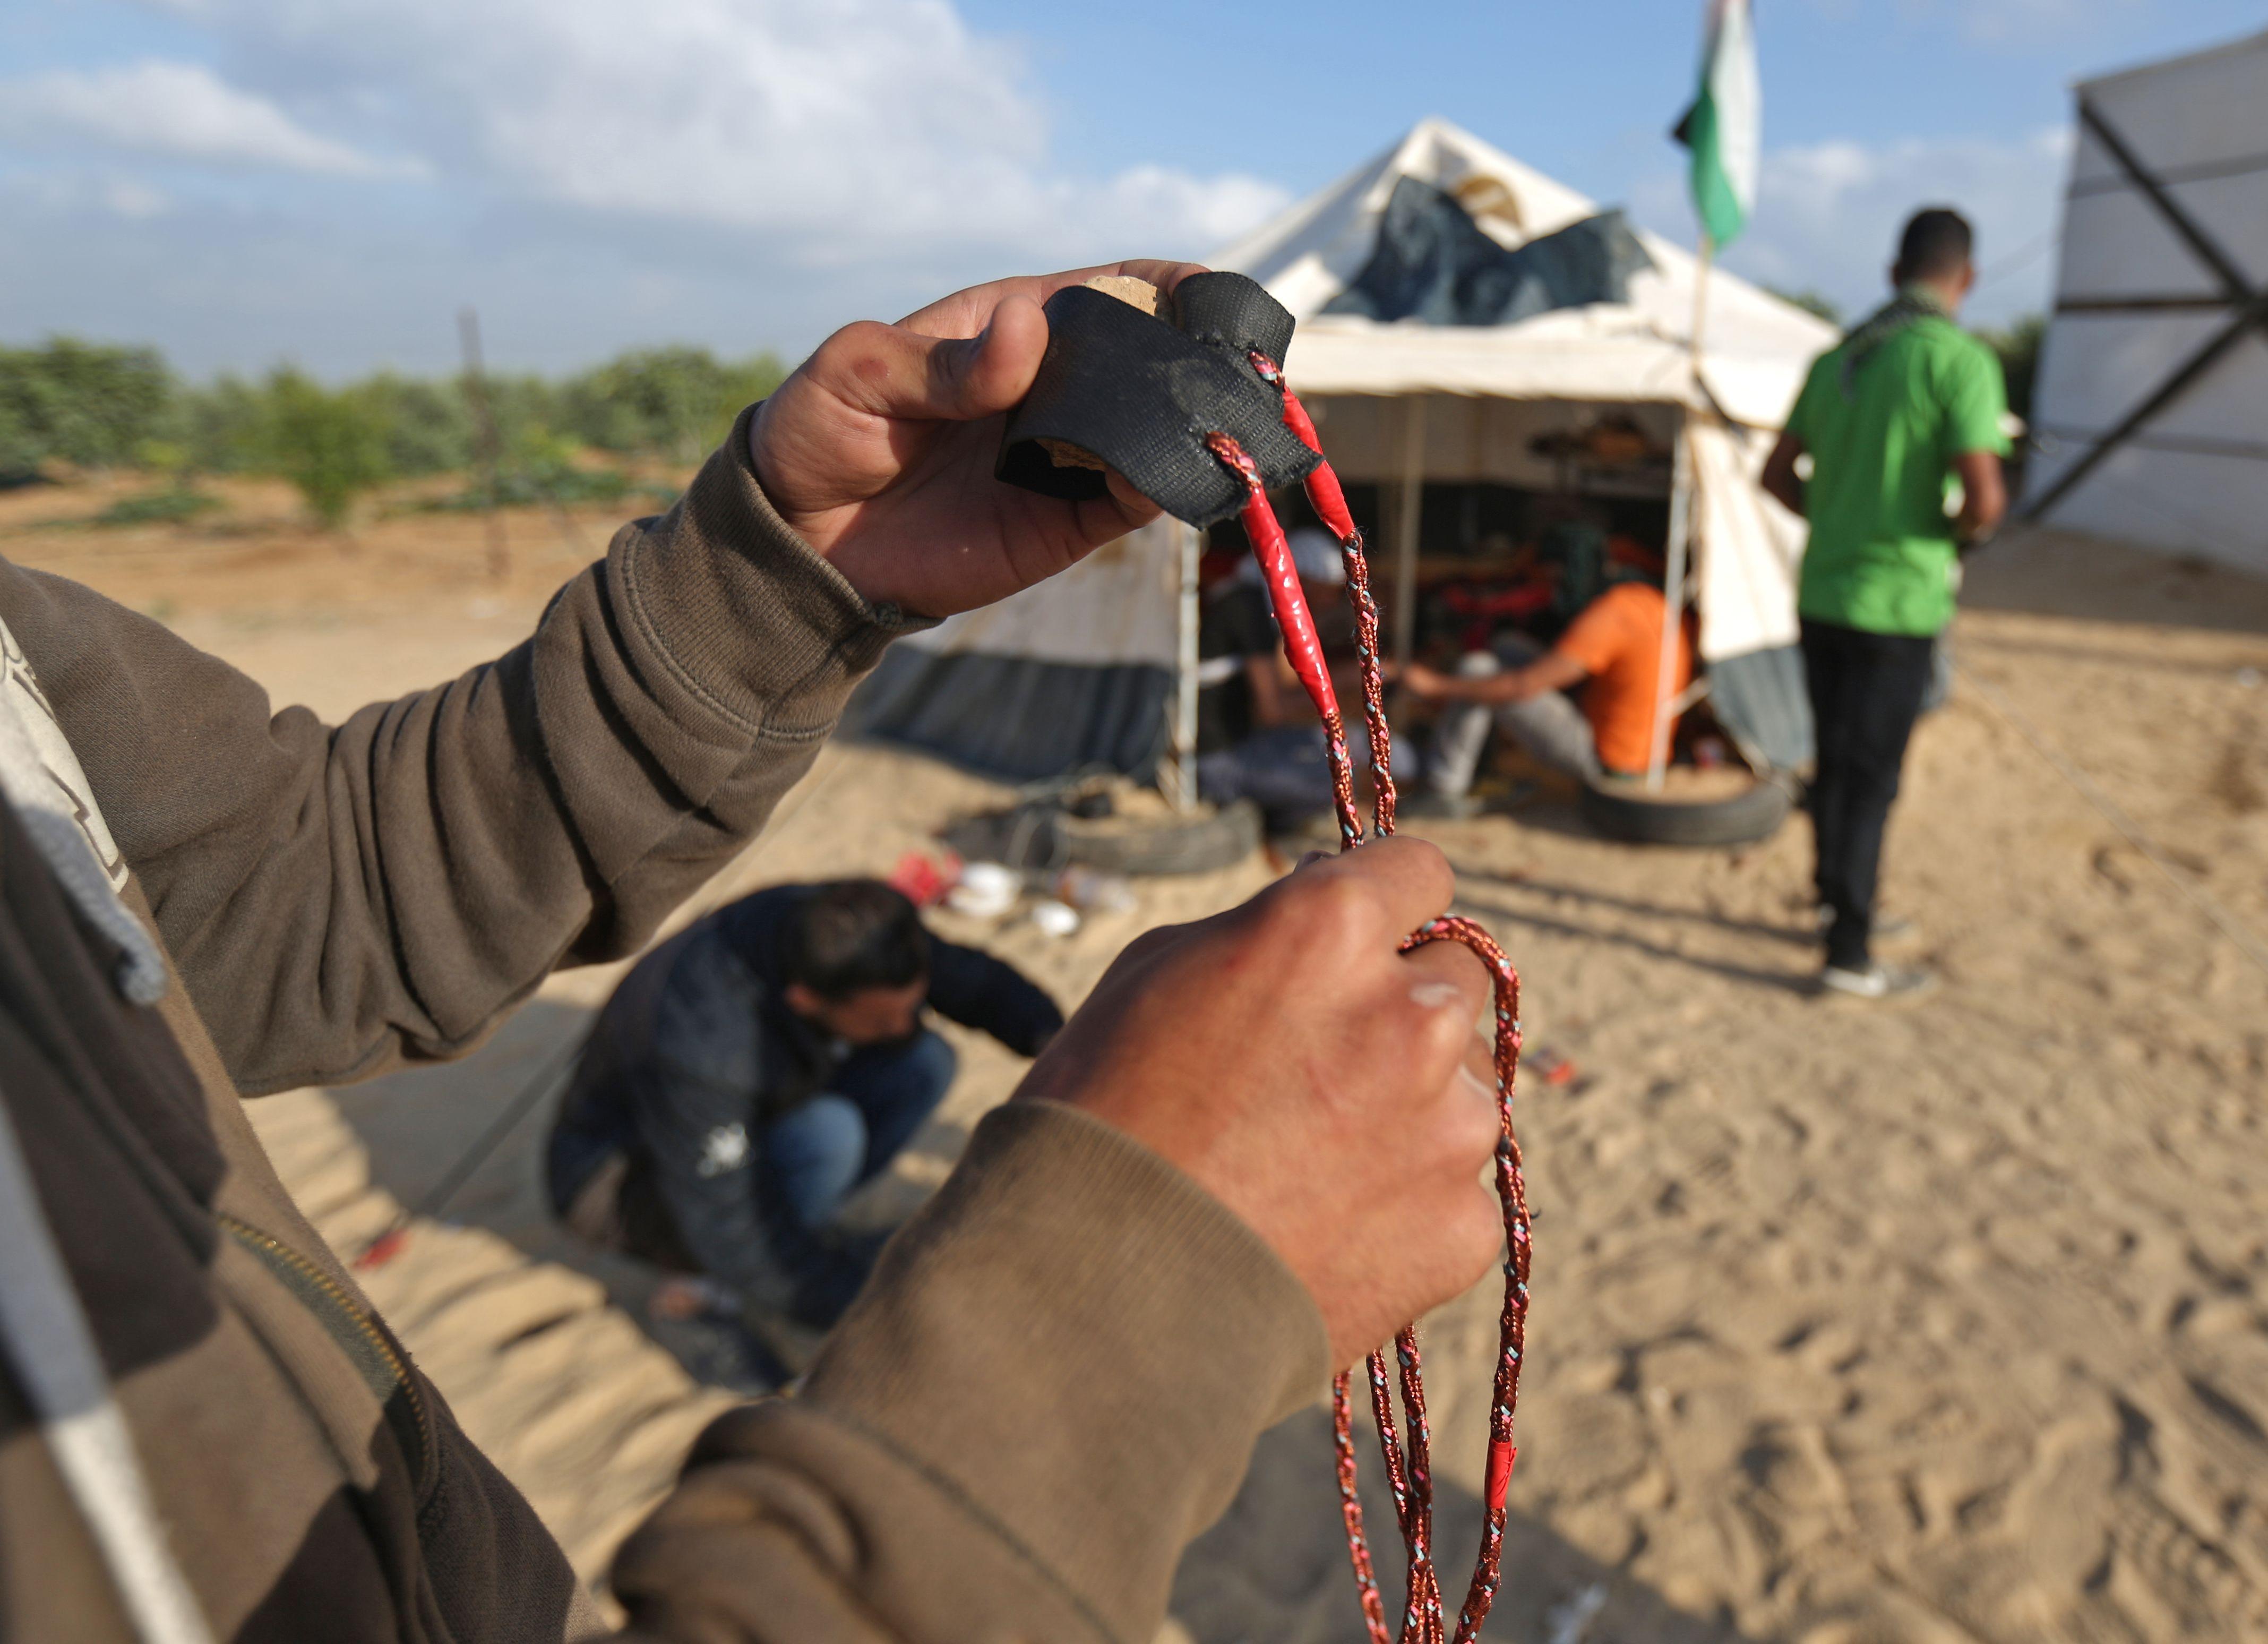 فلسطينى يعد نبلته لمواجهة قوات الاحتلال فى غزة